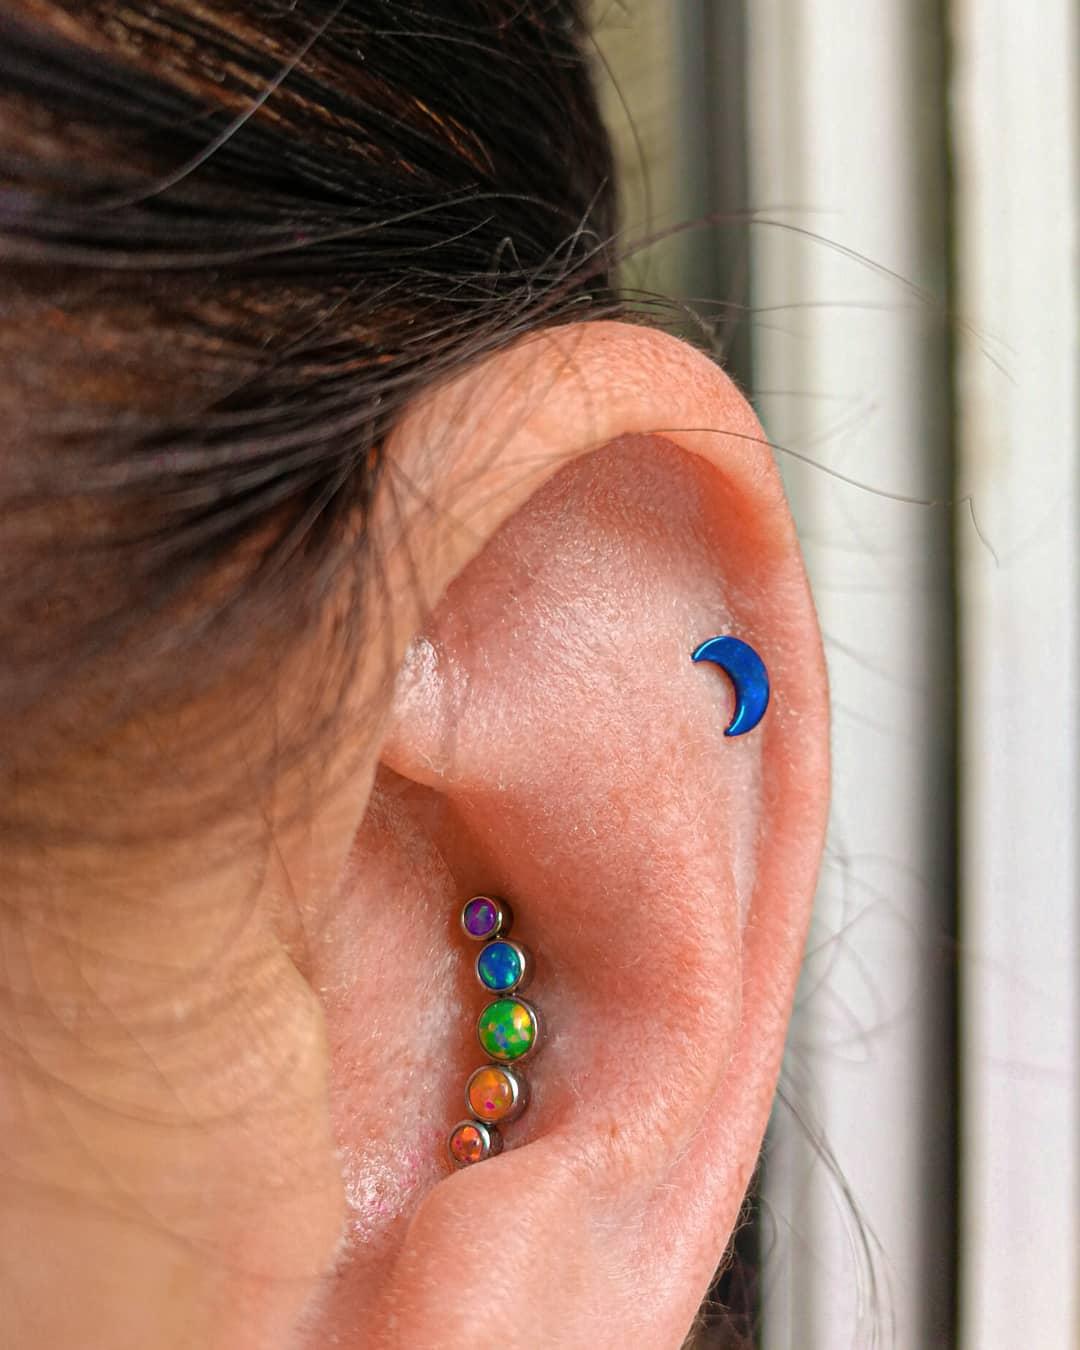 1614906207 842 15 inspiraciones de perforacion de labret y consejos para perforar - 30 fotos de piercing en orejas para querer el tuyo hoy